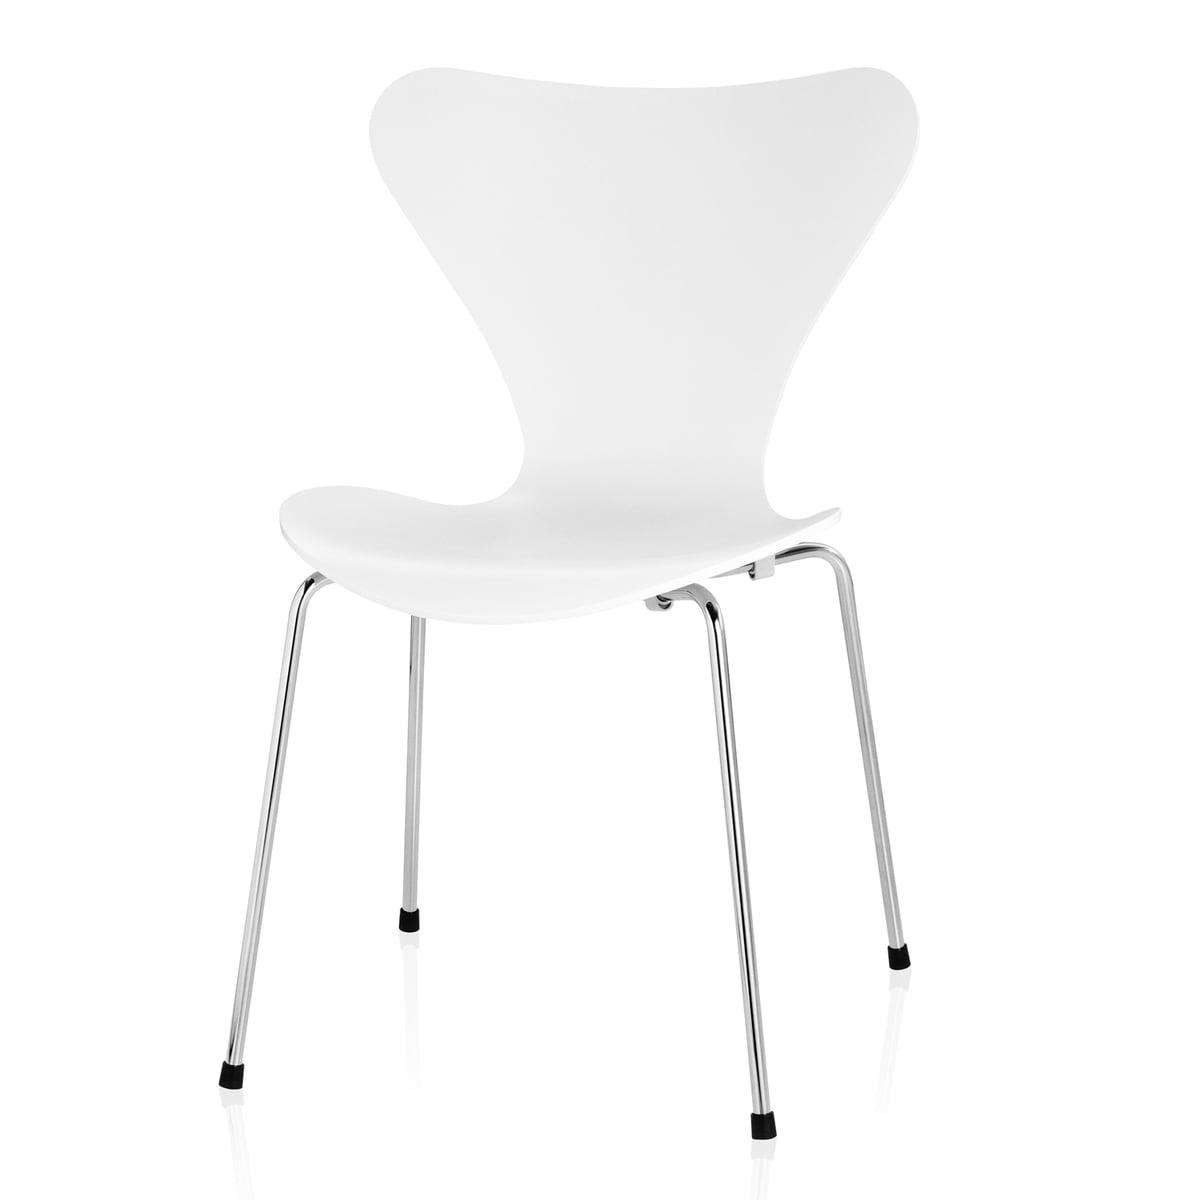 Jacobsen Sessel Fabulous Ei Sessel Fabelhaft Arne Jacobsen Sessel